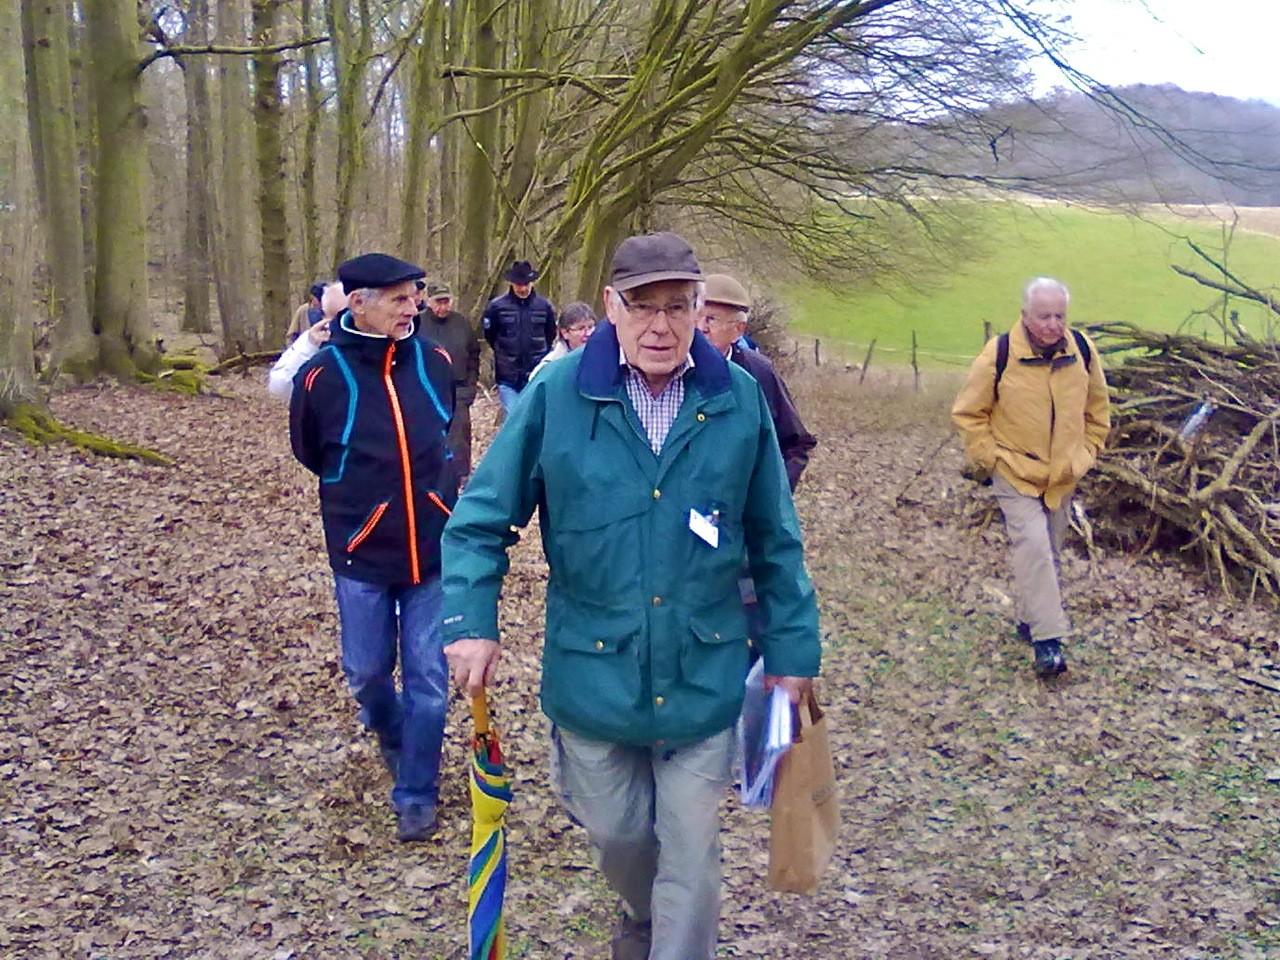 Fachkundig geführt wurden die Teilnehmer vom pensionierten Forstamtsrat Volker Vömel.